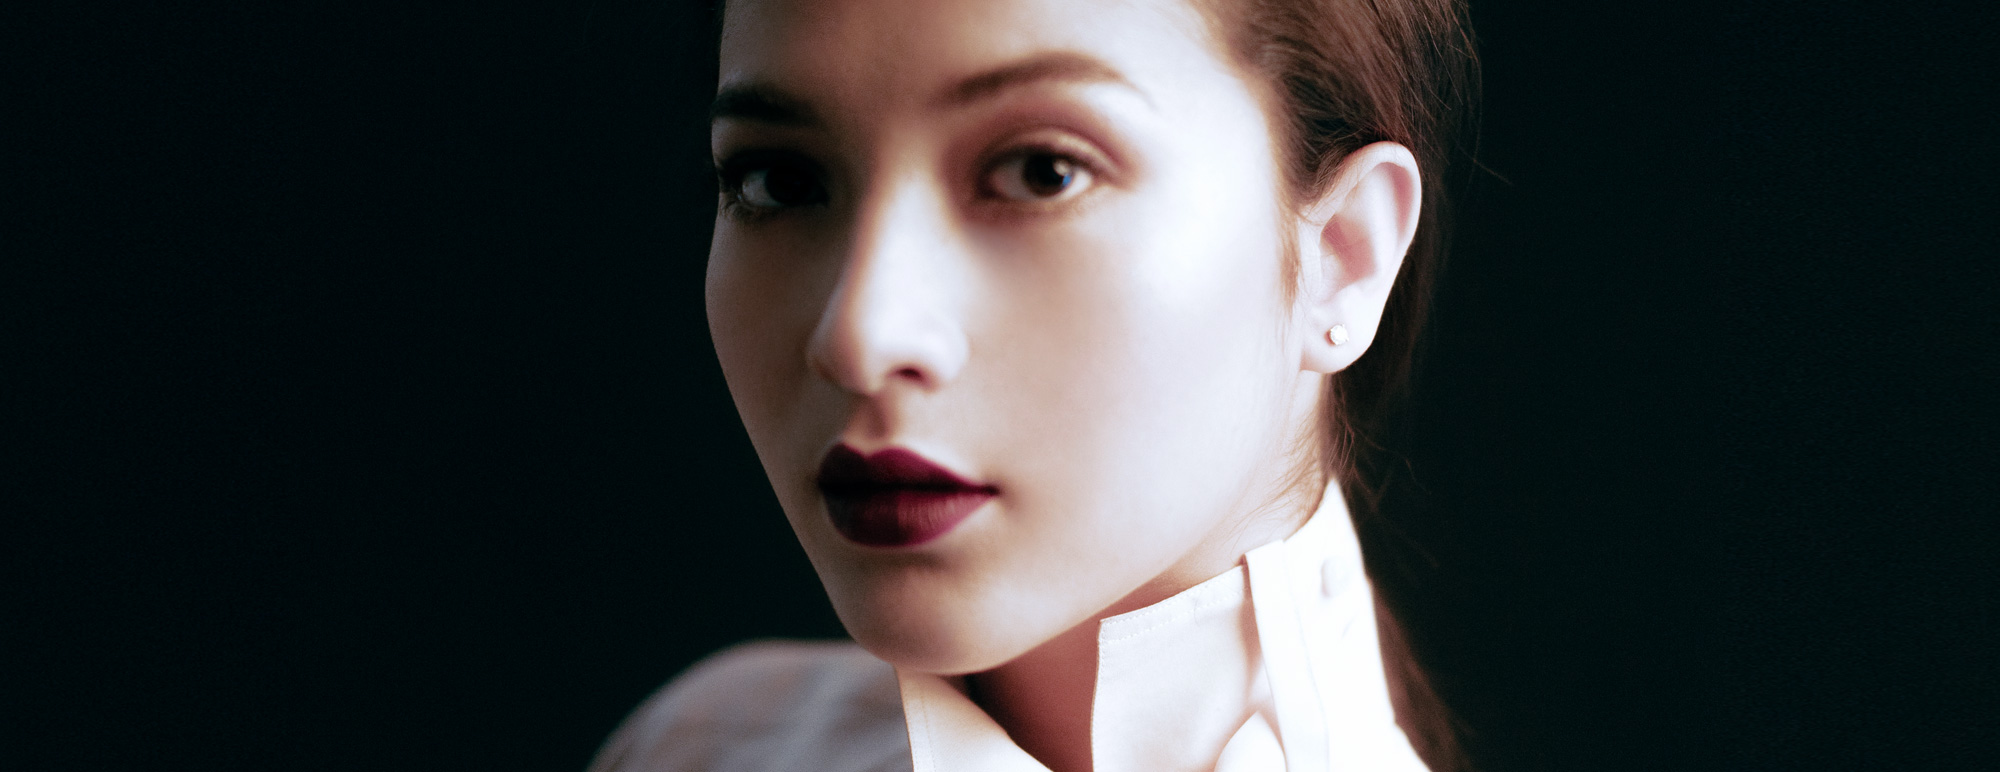 Dunia Film dan Bagaimana Putri Marino Menghadapi Tantangan Akting